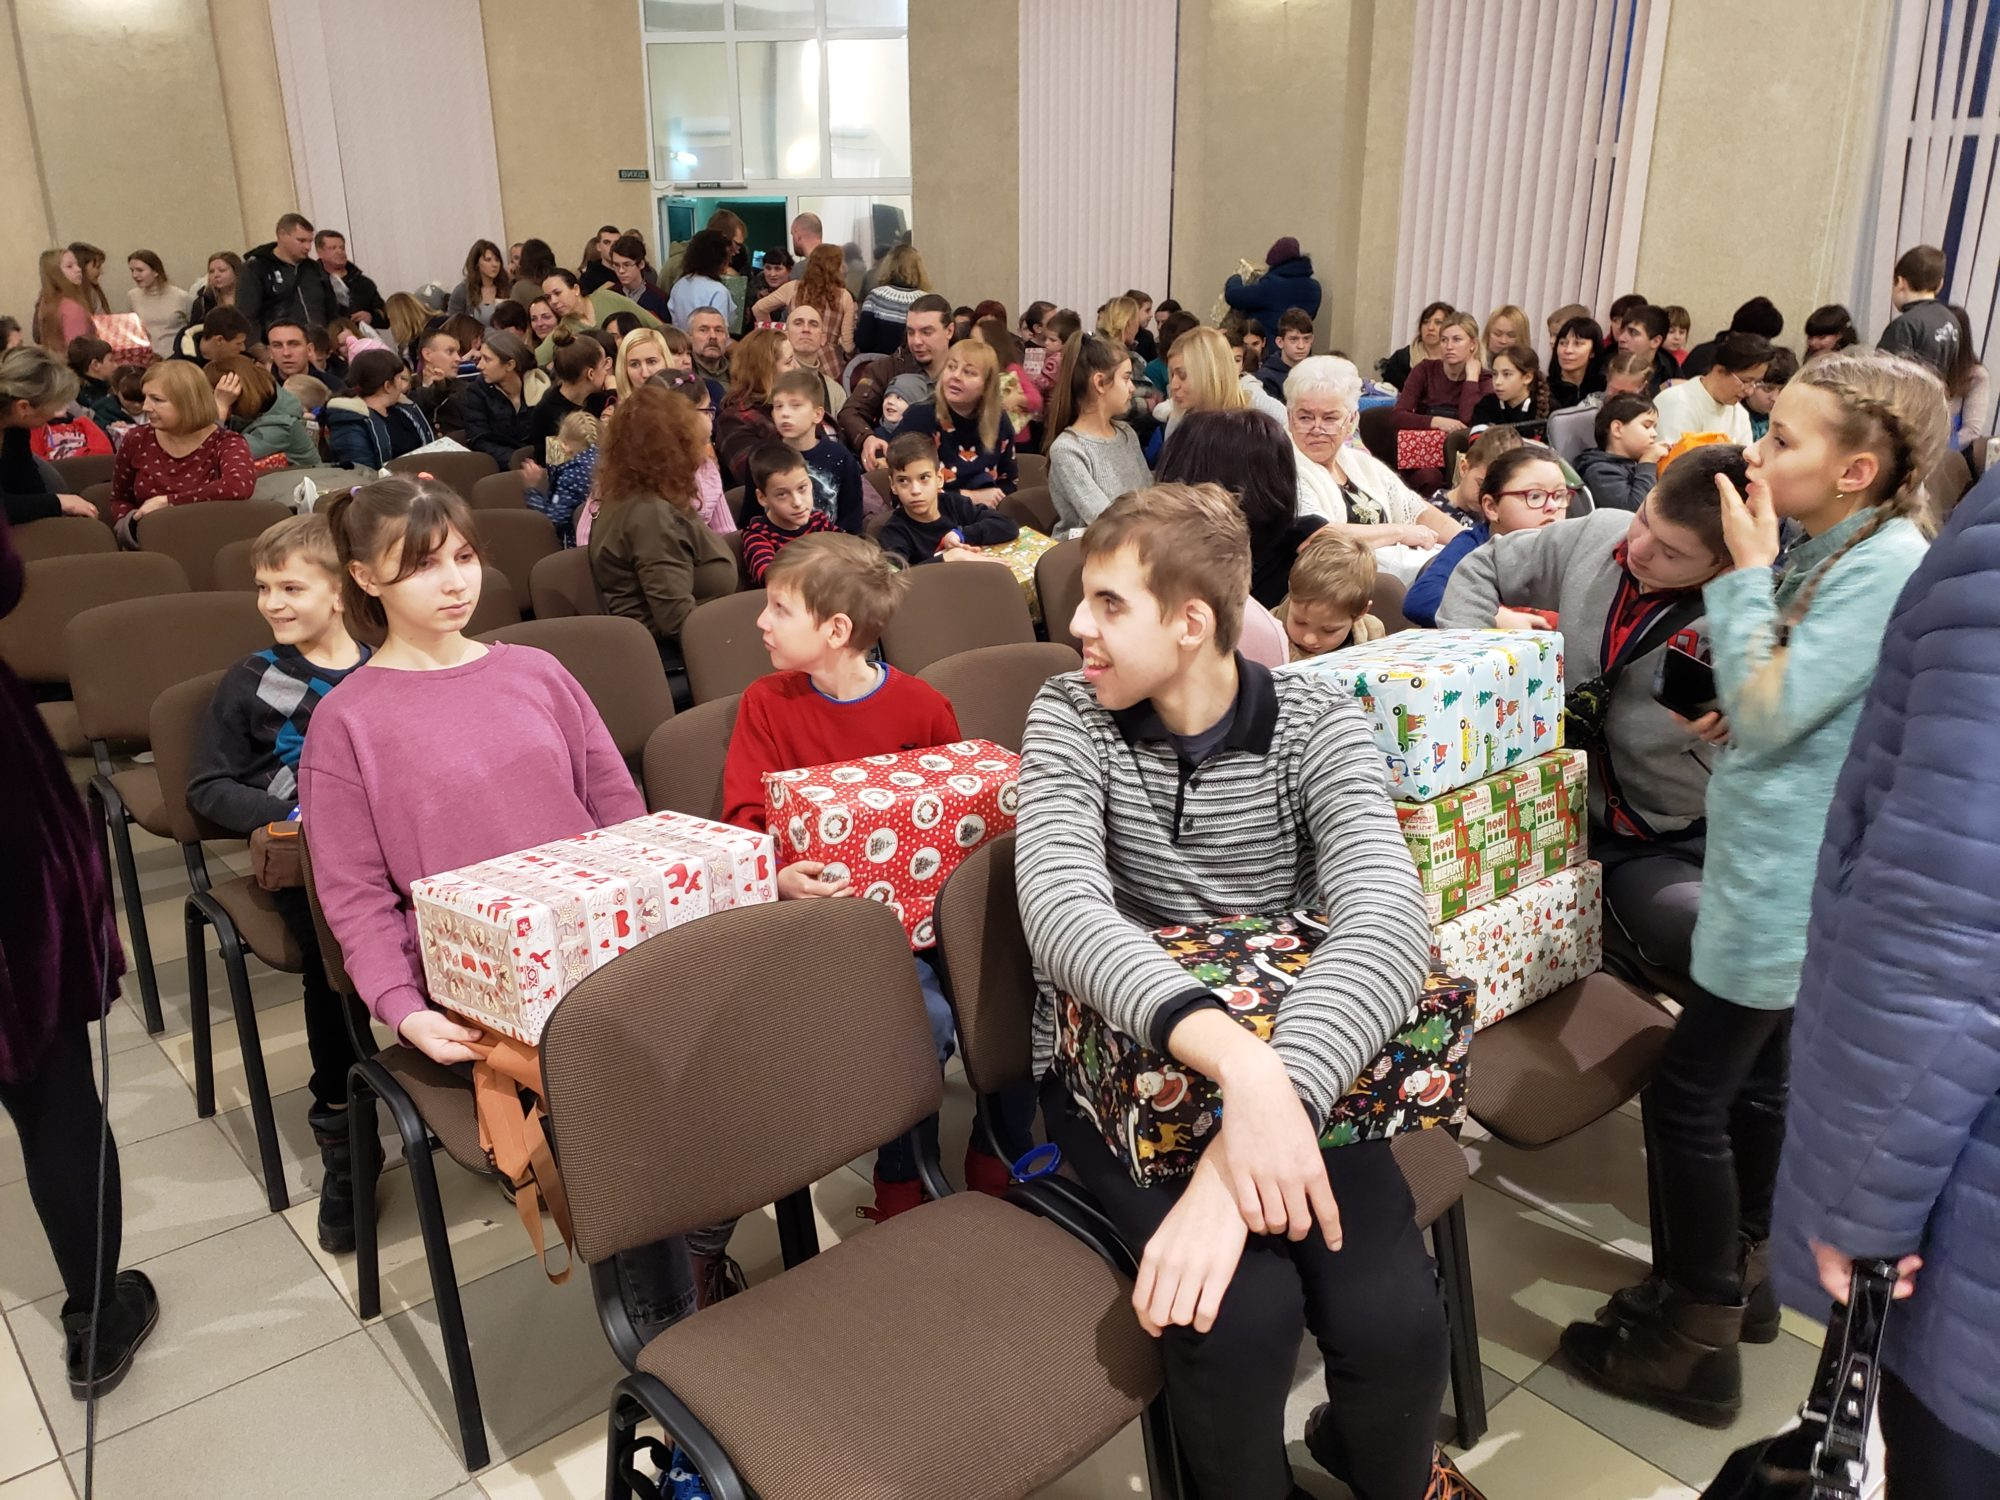 Різдвяне свято для особливих дітей у Броварах -  - 20191228 161442 2000x1500